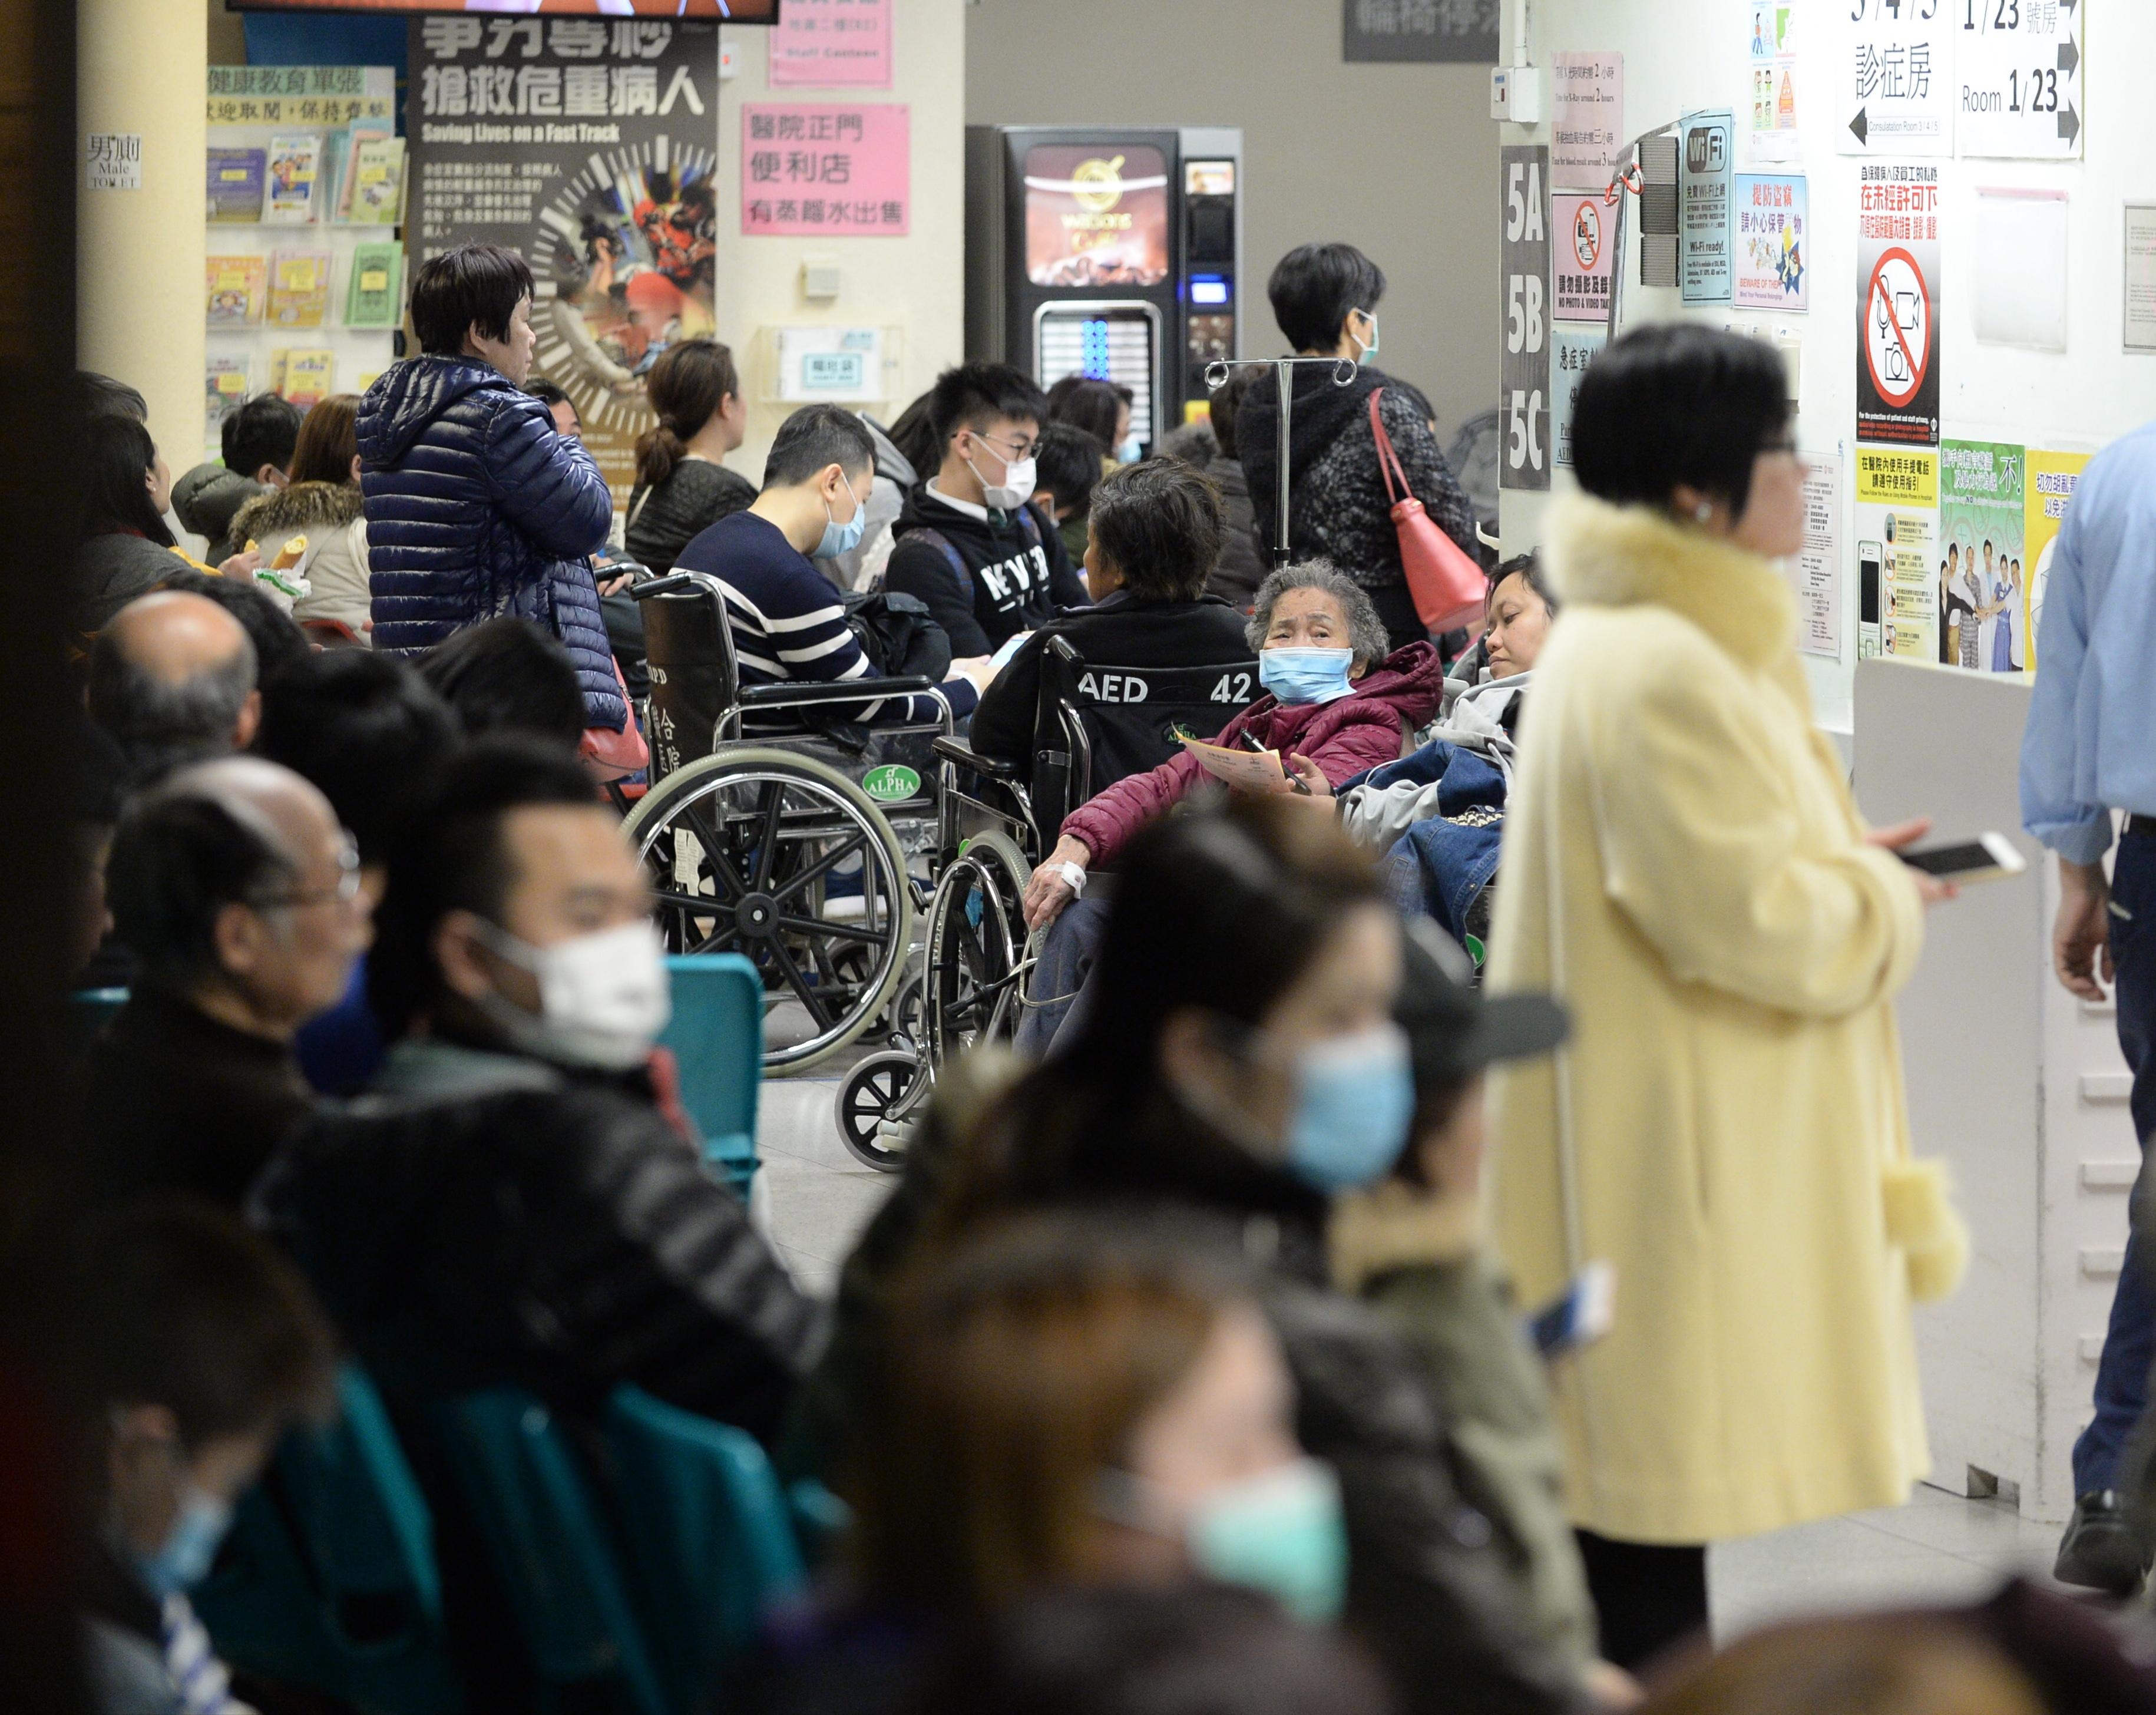 昨日6287人次急症室求诊 14公院爆满